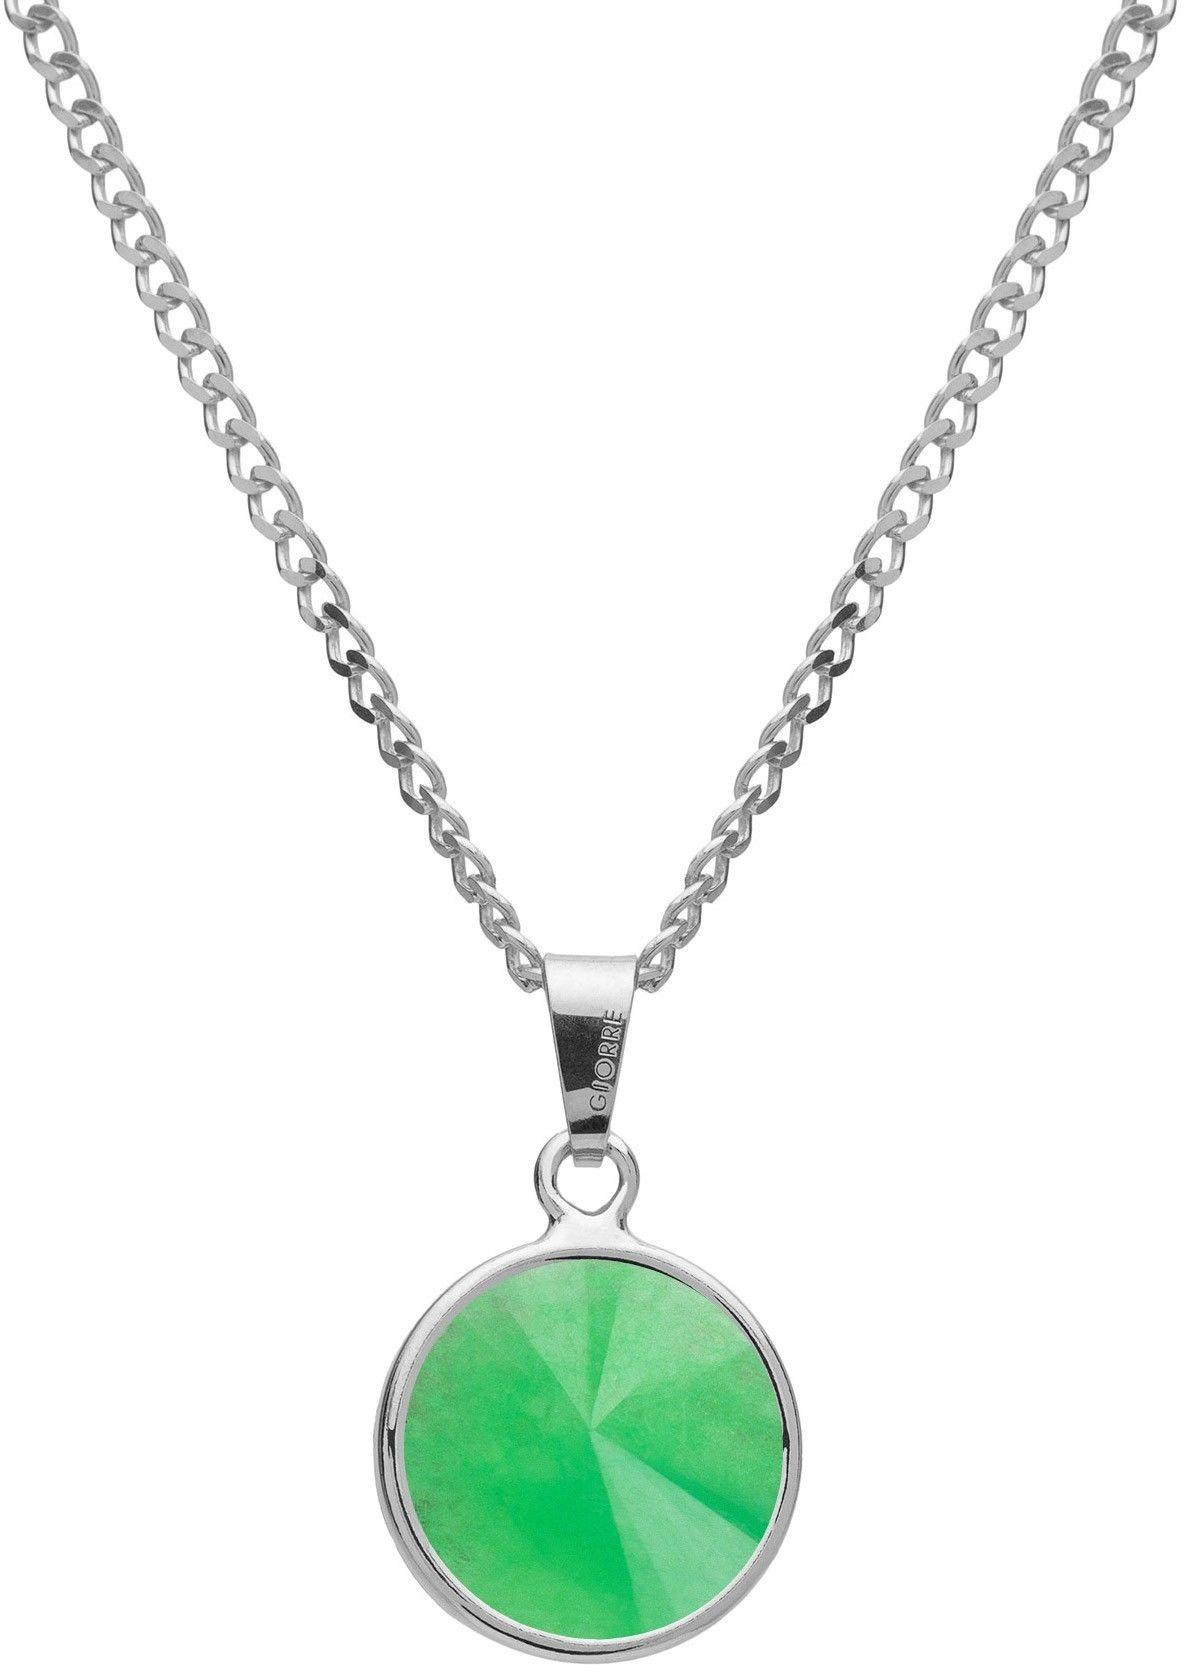 Srebrny naszyjnik z naturalnym kamieniem - chryzopraz srebro 925 : Długość (cm) - 40 + 5 , Kamienie naturalne - kolor - chryzopraz zielony ciemny, Srebro - kolor pokrycia - Pokrycie platyną